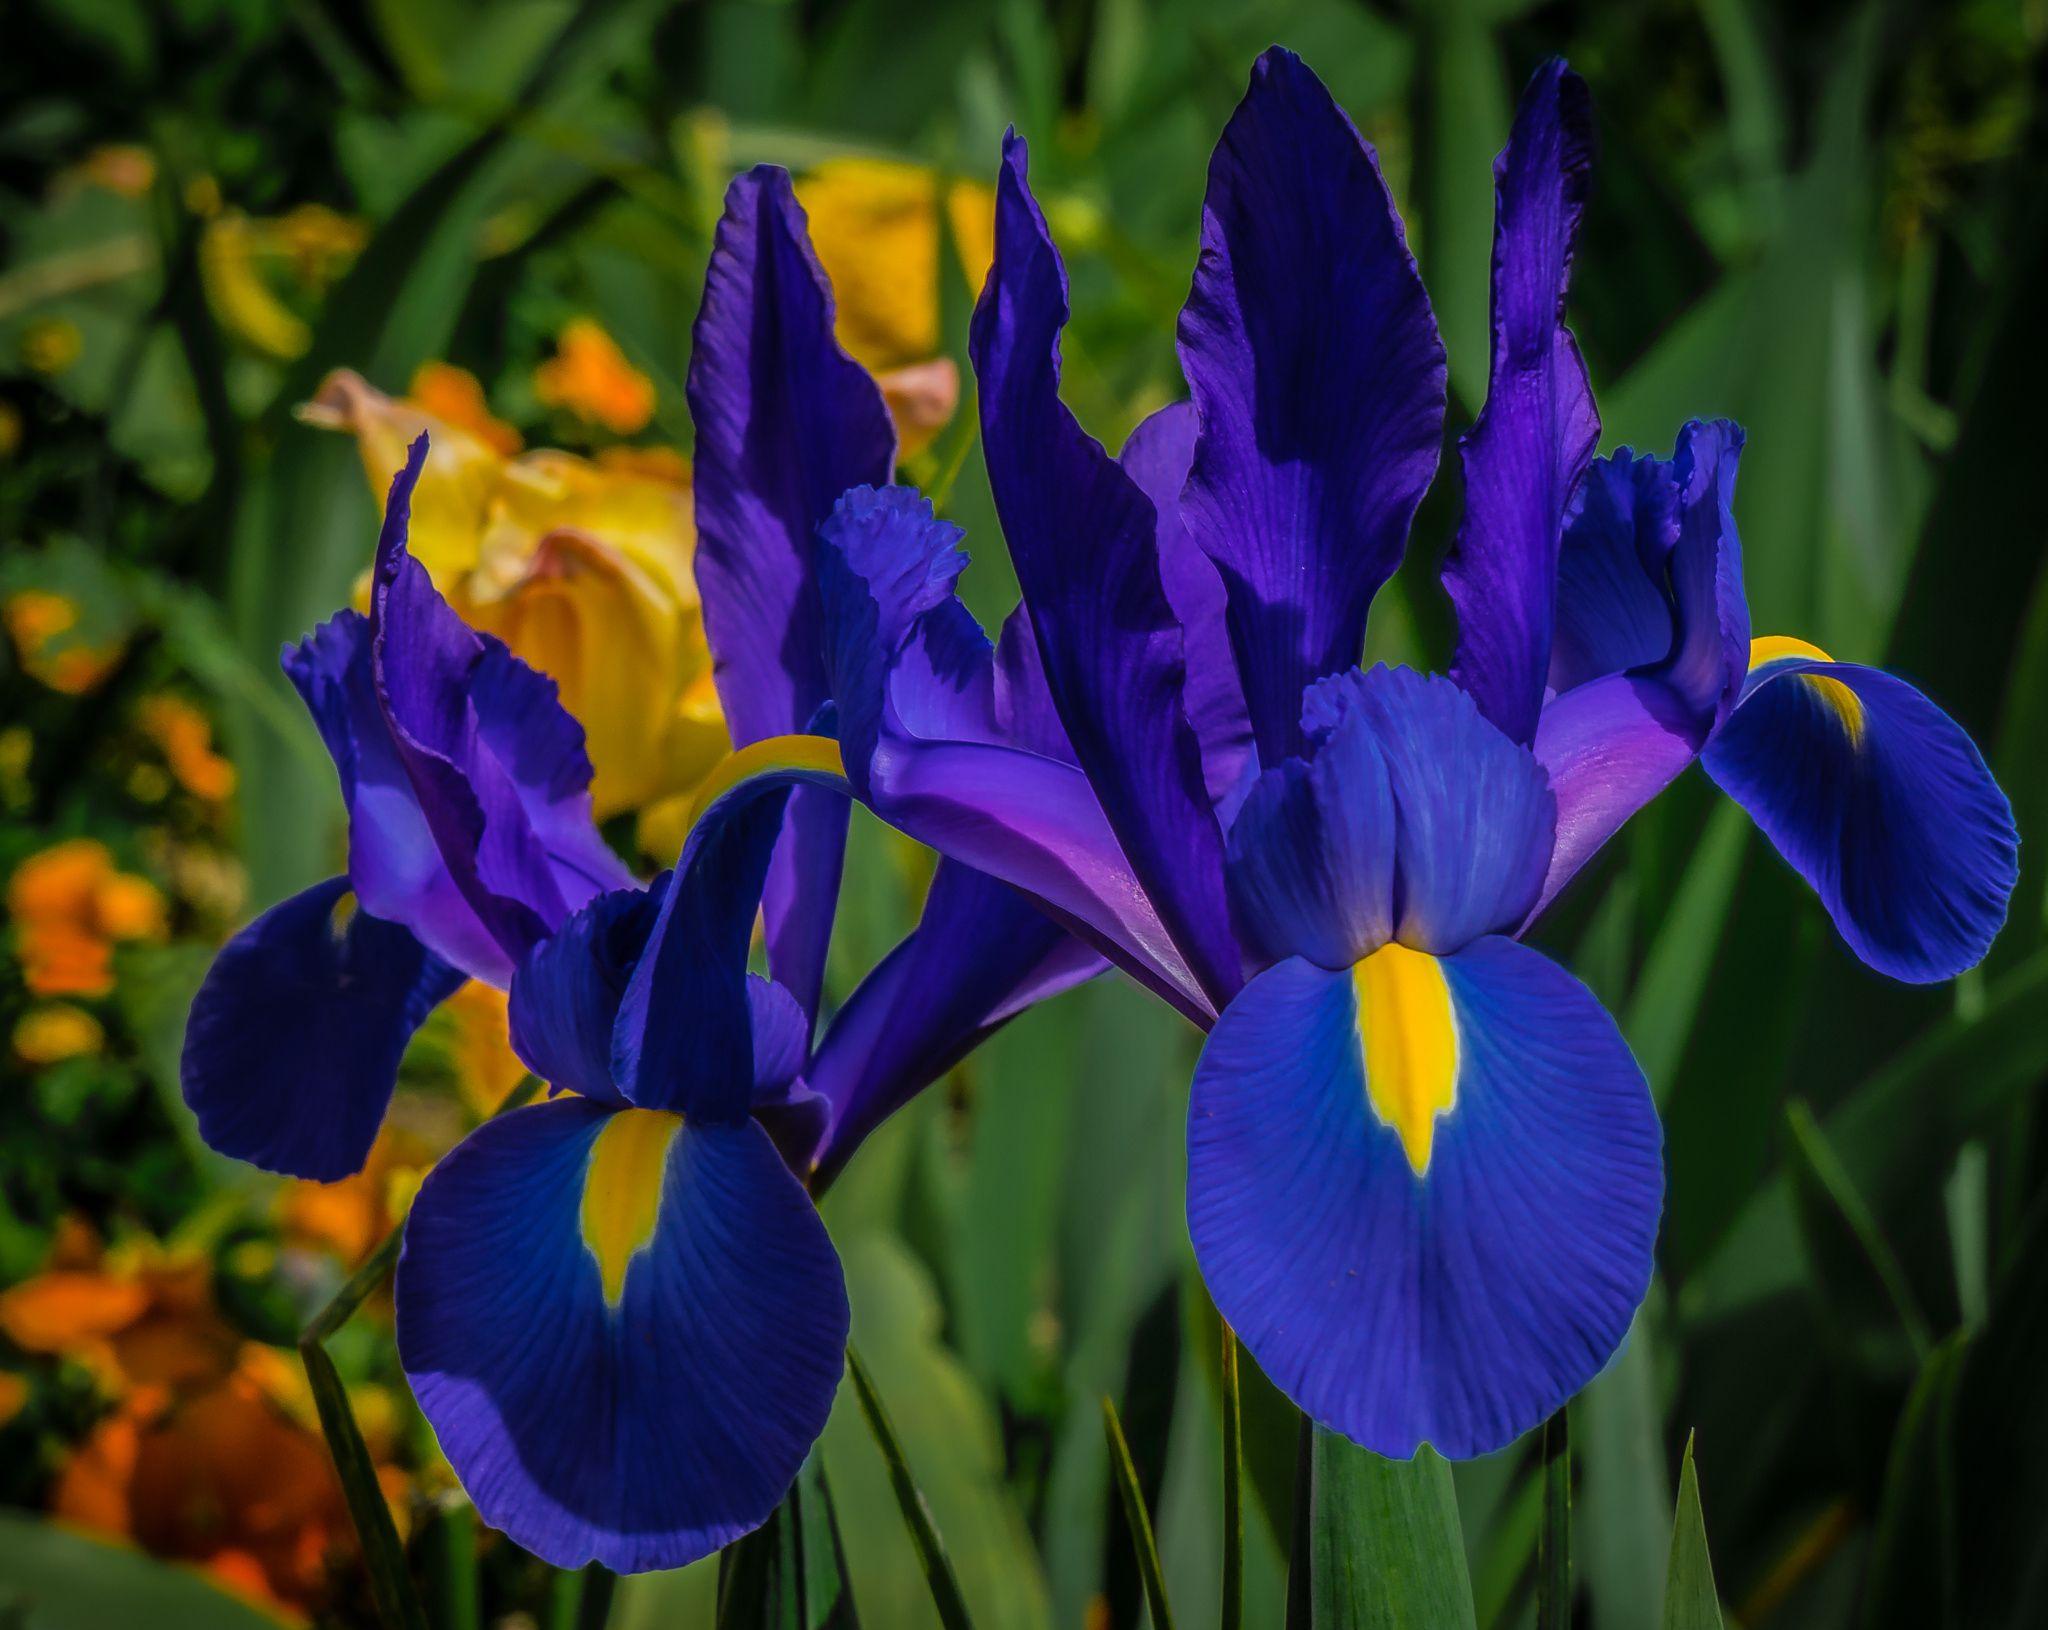 Monet S Treasure Iris Flowers Garden Iris Flowers February Birth Flowers